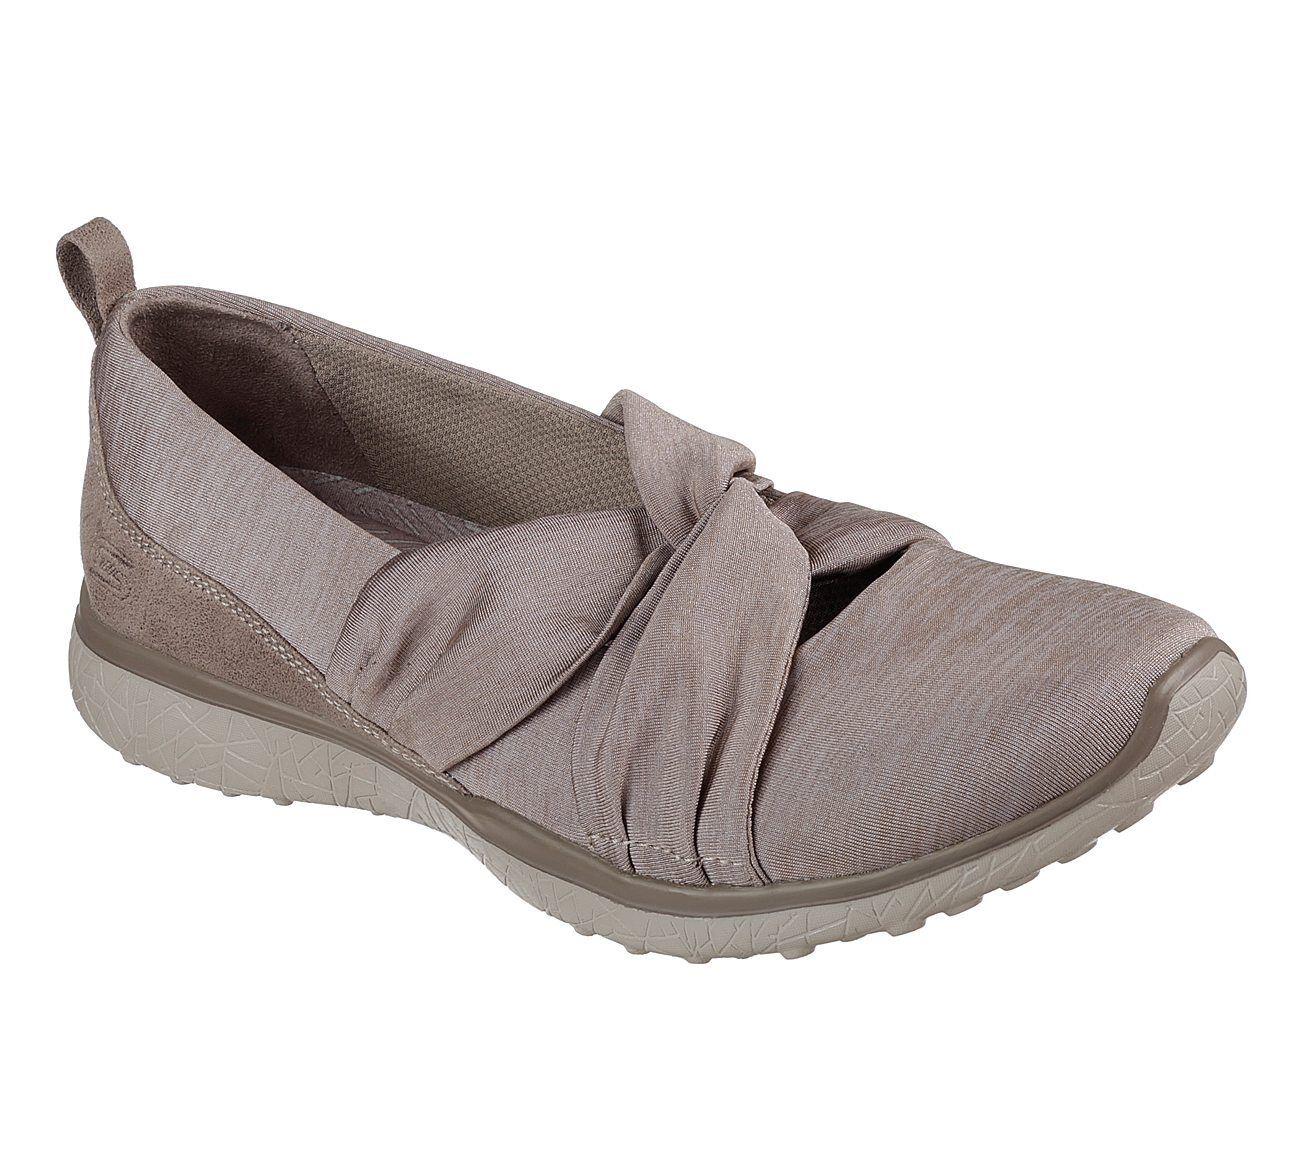 NUOVO Skechers Da Da Da Donna scarpe da ginnastica Scarpe da ginnastica Mary Jane microburst Knot concerned GRIGIO 1e3399